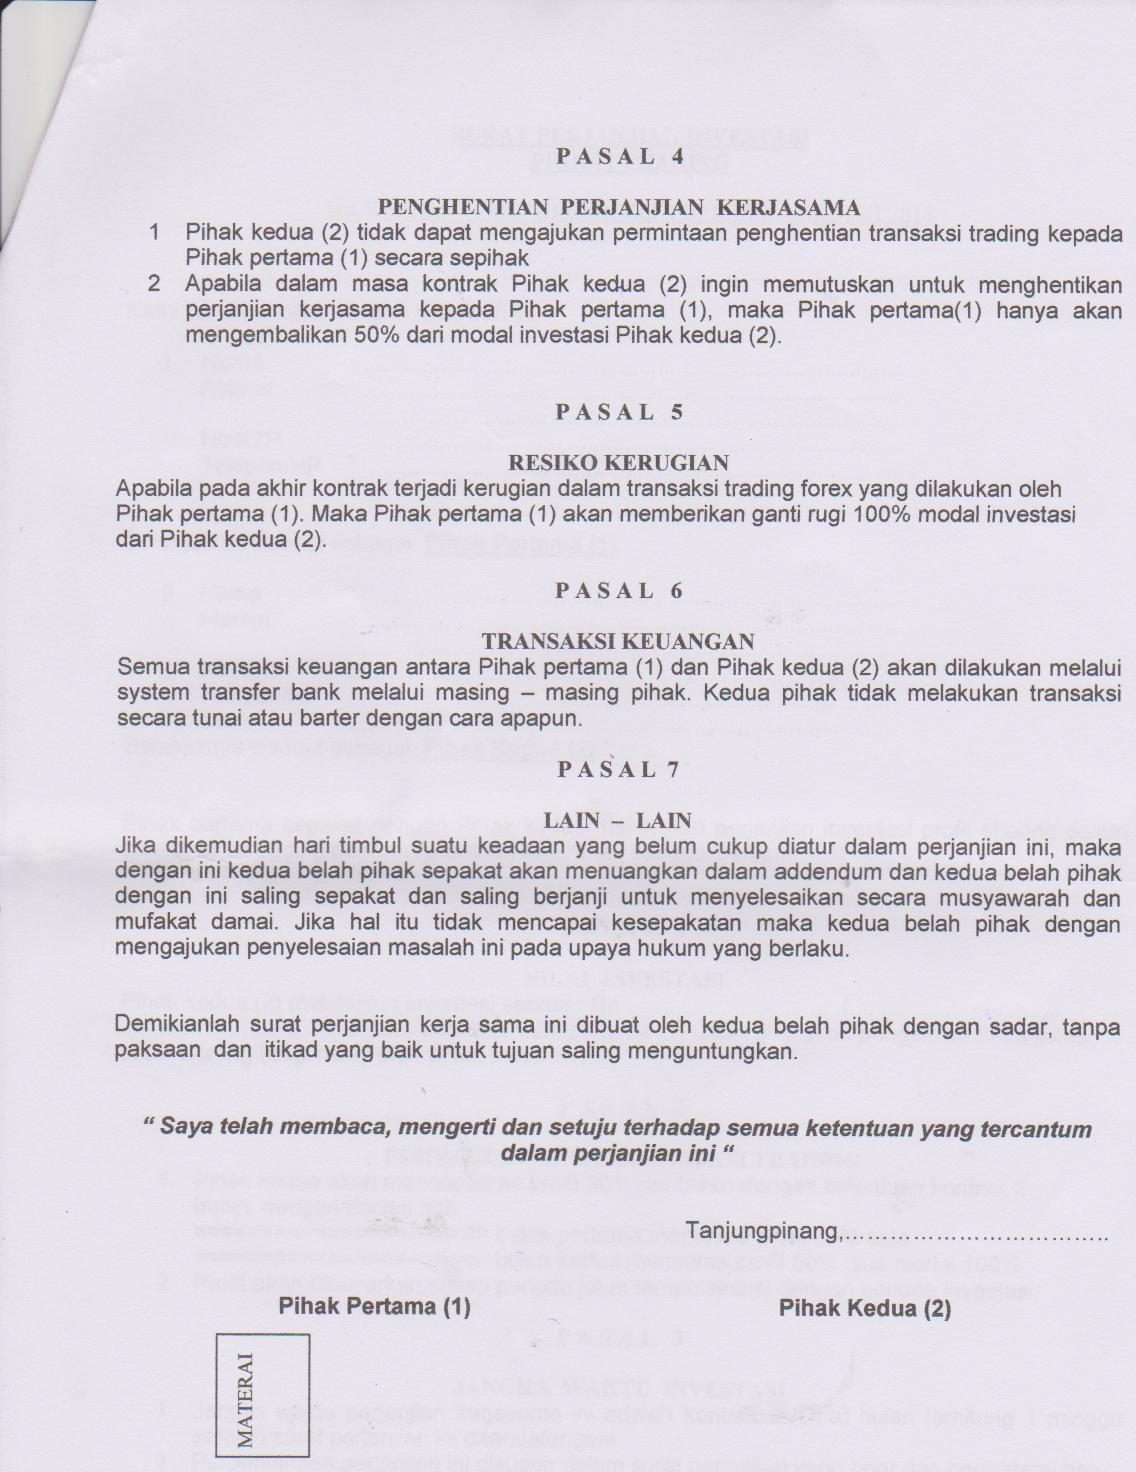 Contoh Surat Perjanjian Investasi Modal Usaha Contoh Seputar Surat